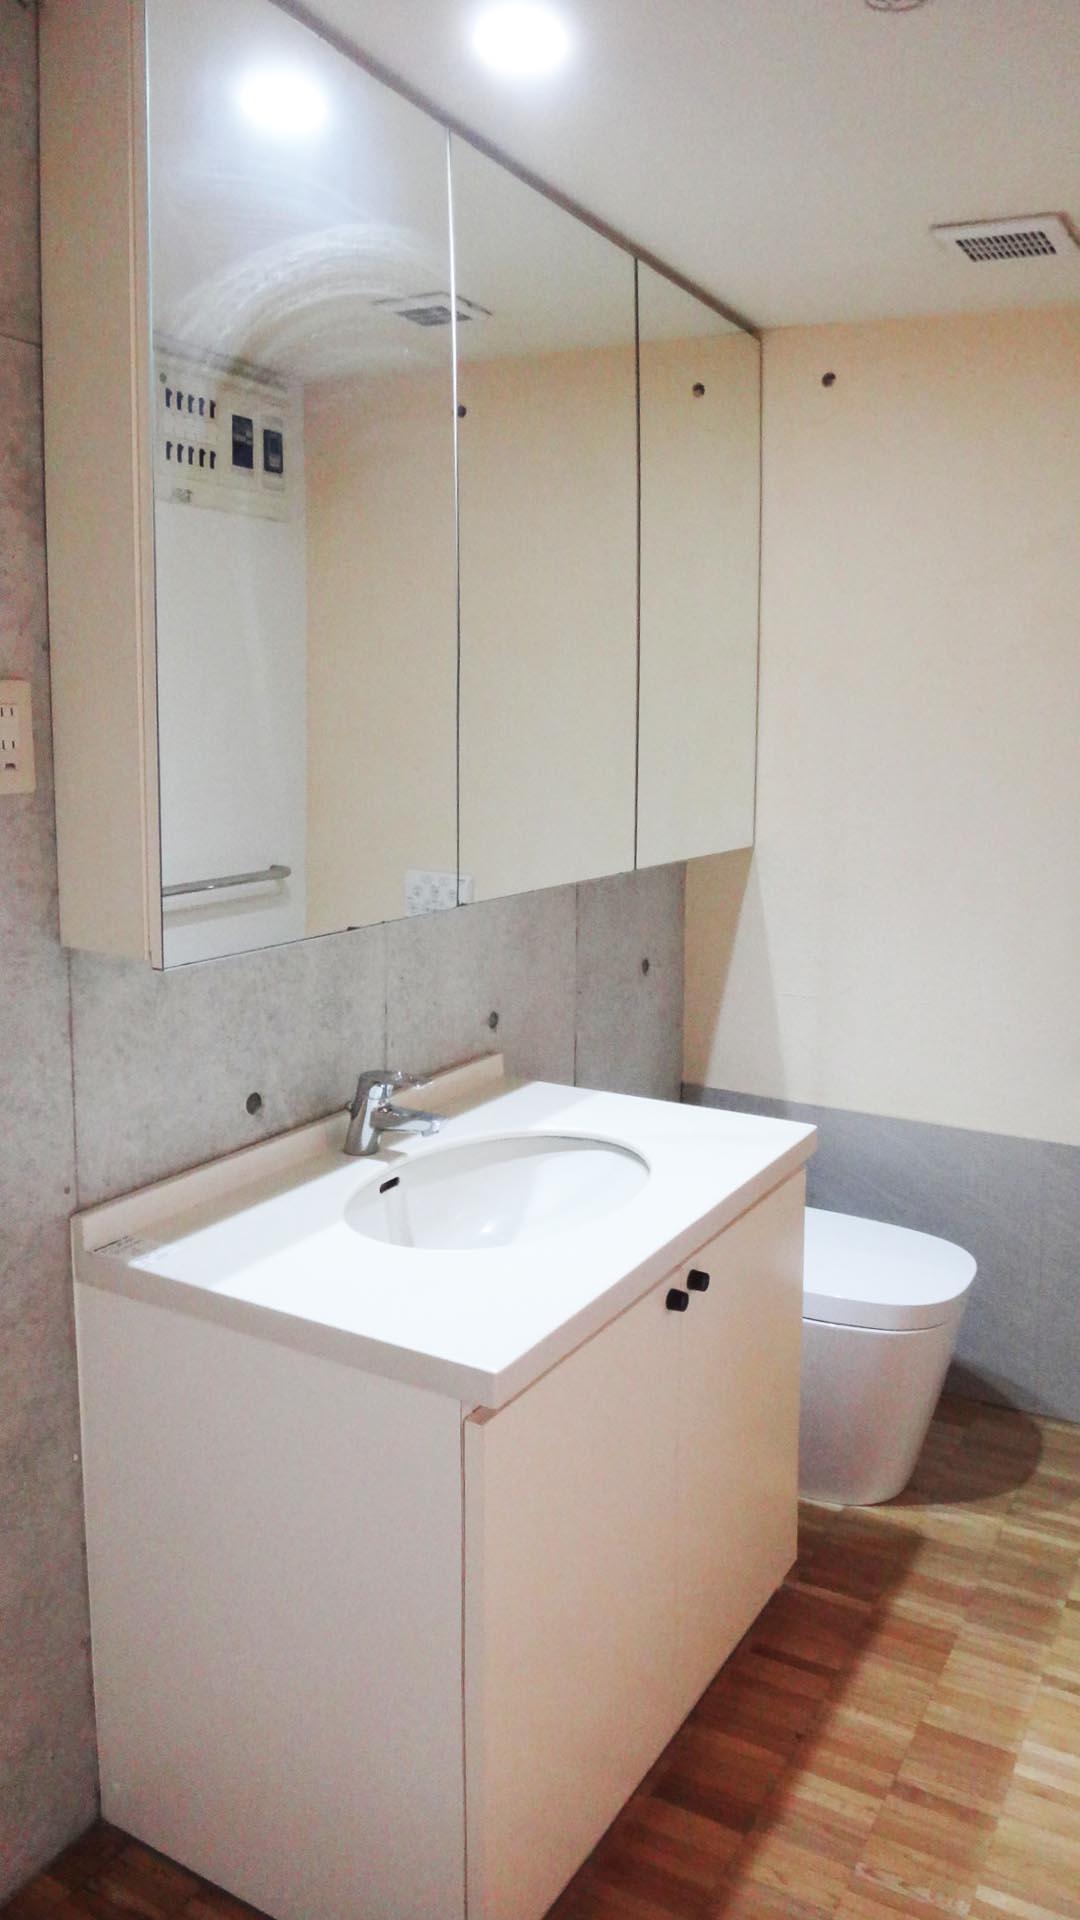 洗面・トイレ・洗濯機は同じ空間です。大きなミラーキャビネット付きです。